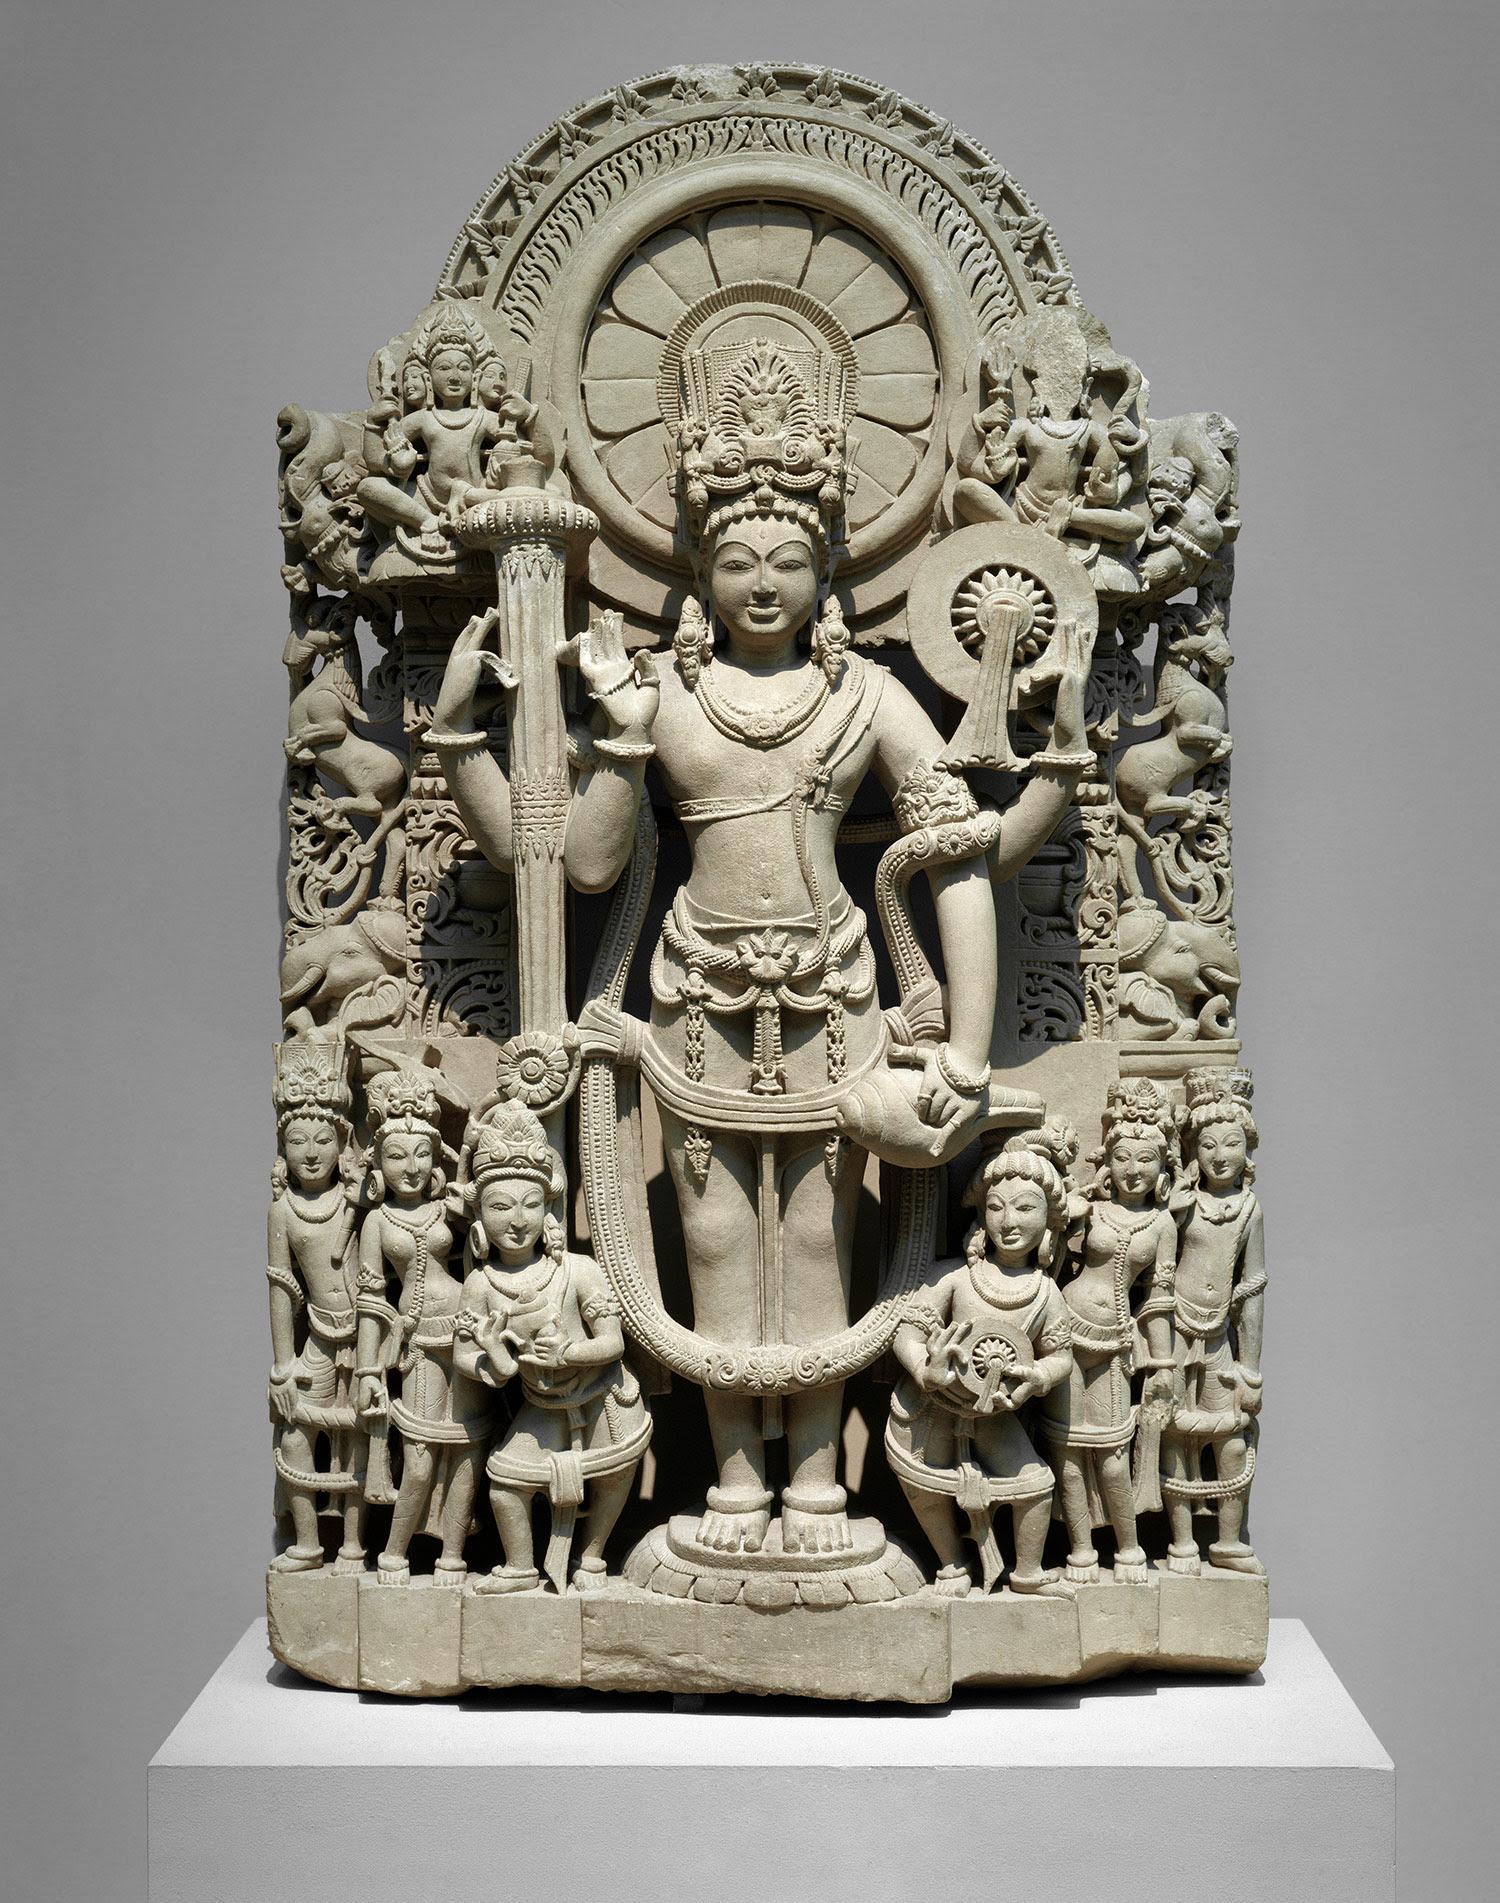 Stèle de grès du Penjab, XIe siècle, Vishnu avec ses divers attributs dont le chakra, disque ou roue, la masse et la conque.